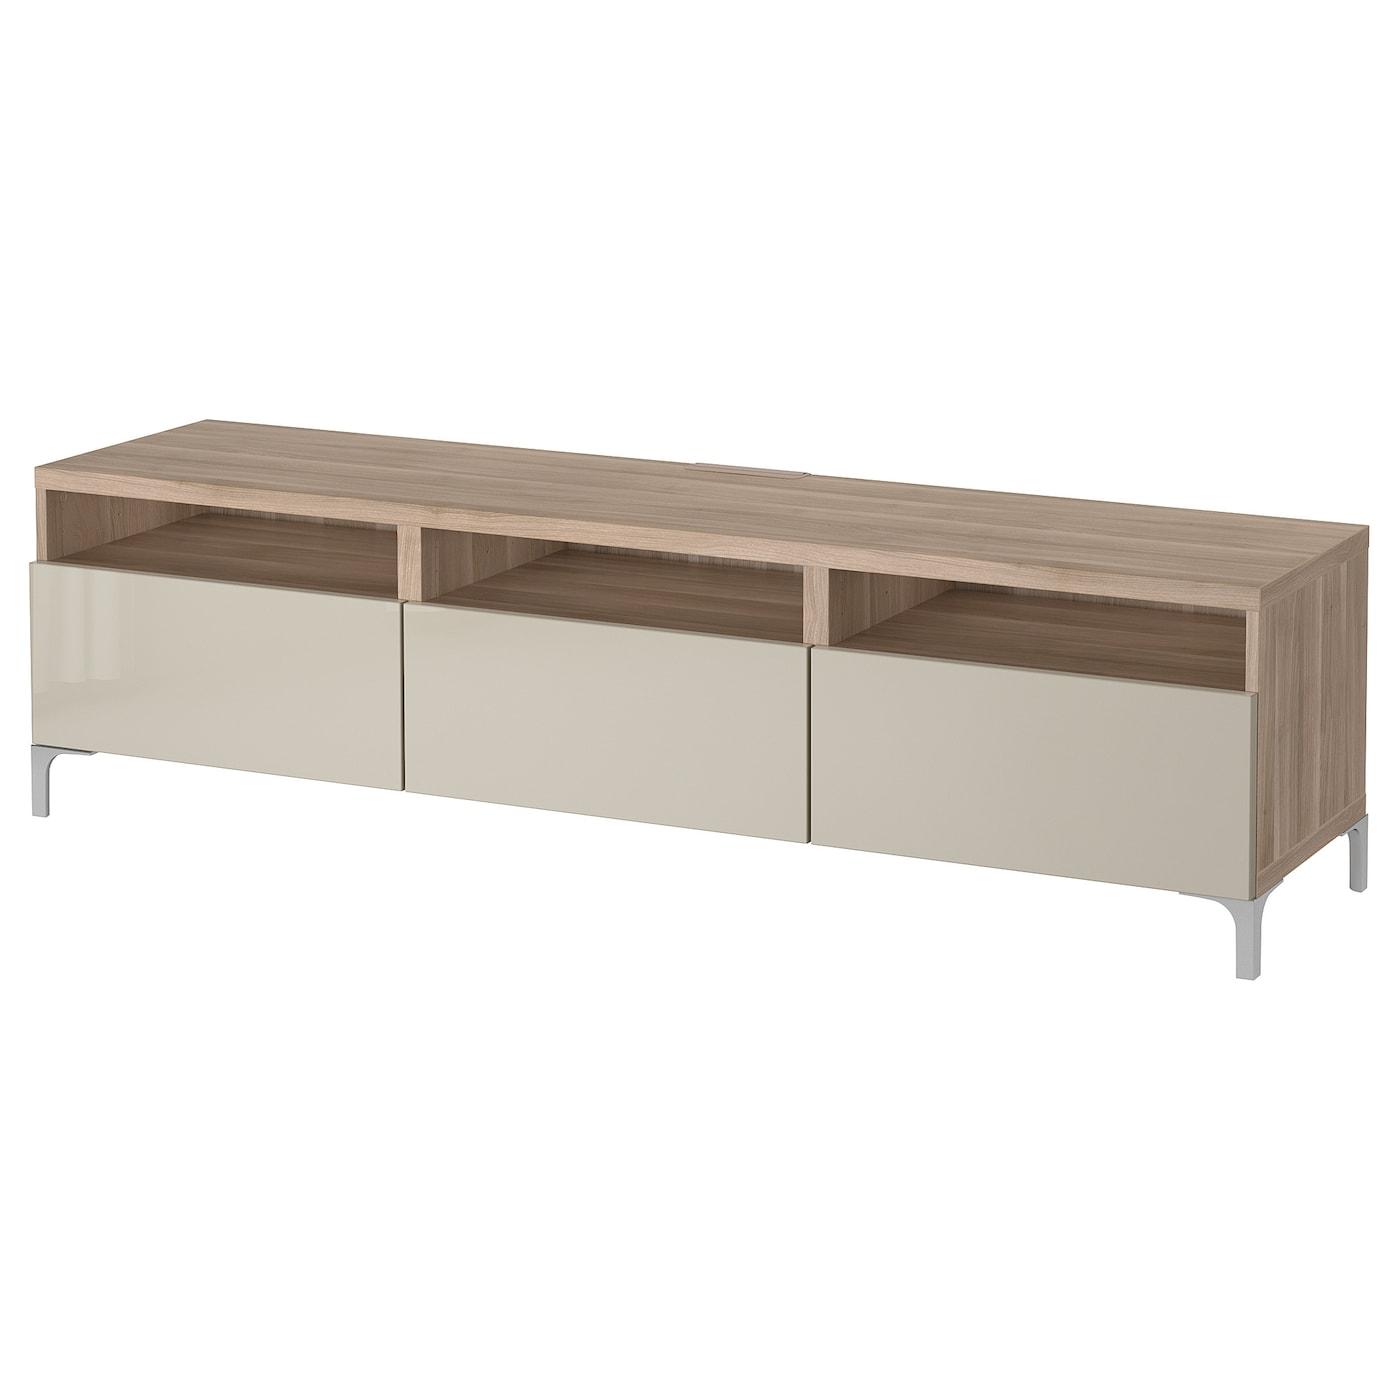 Muebles de TV y Muebles para el Salón | Compra Online IKEA - photo#13